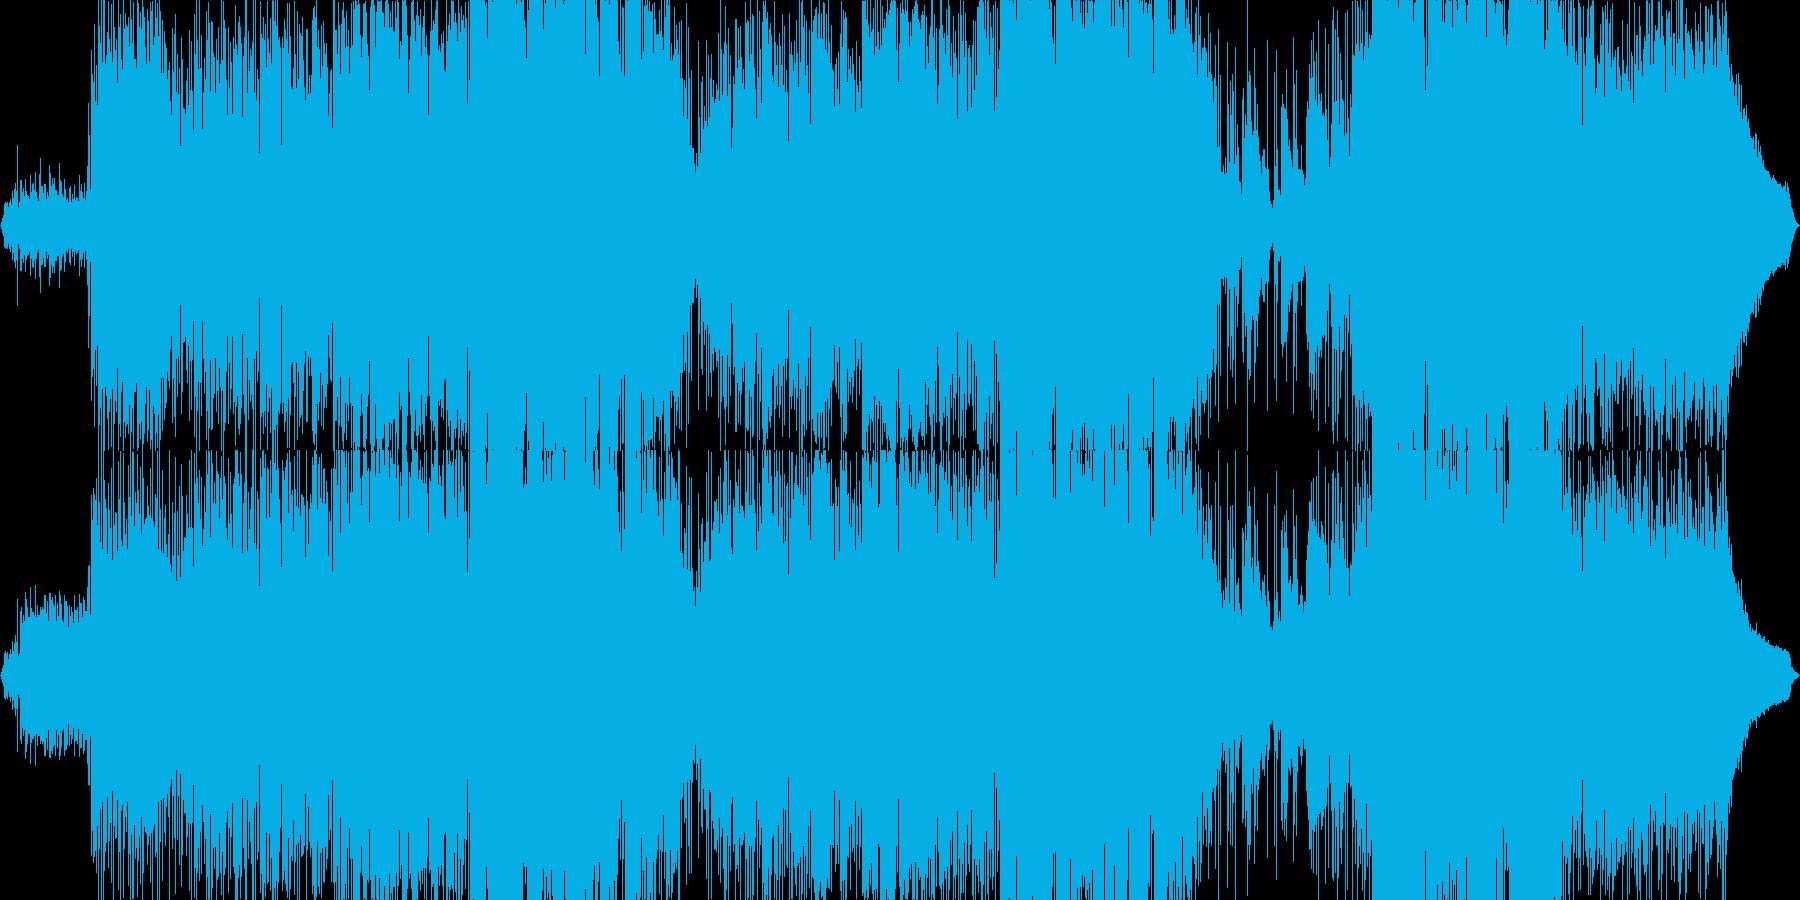 切なく、絶望的な世界を描いた楽曲の再生済みの波形